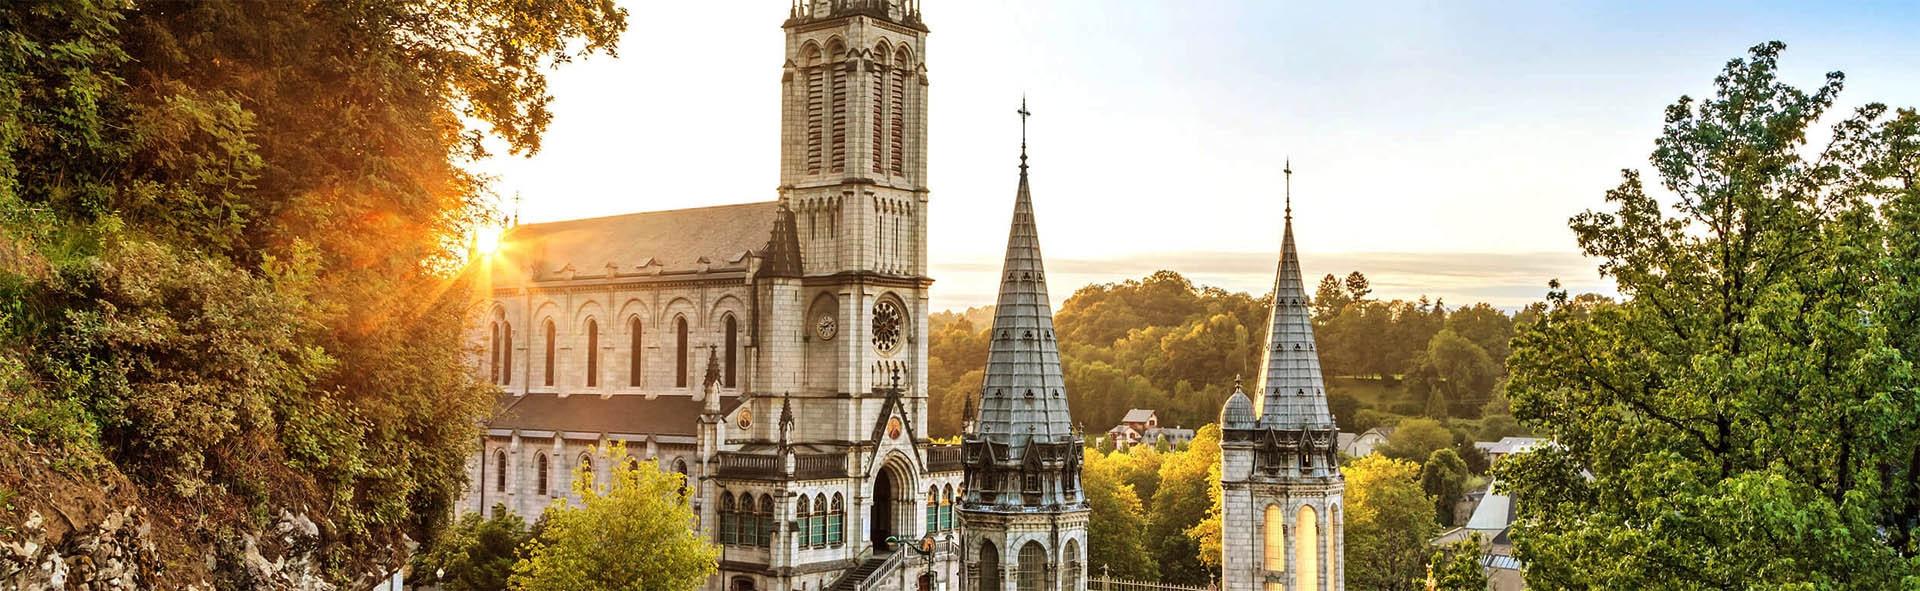 Viaggio a Lourdes in Aereo da Milano 1 Maggio